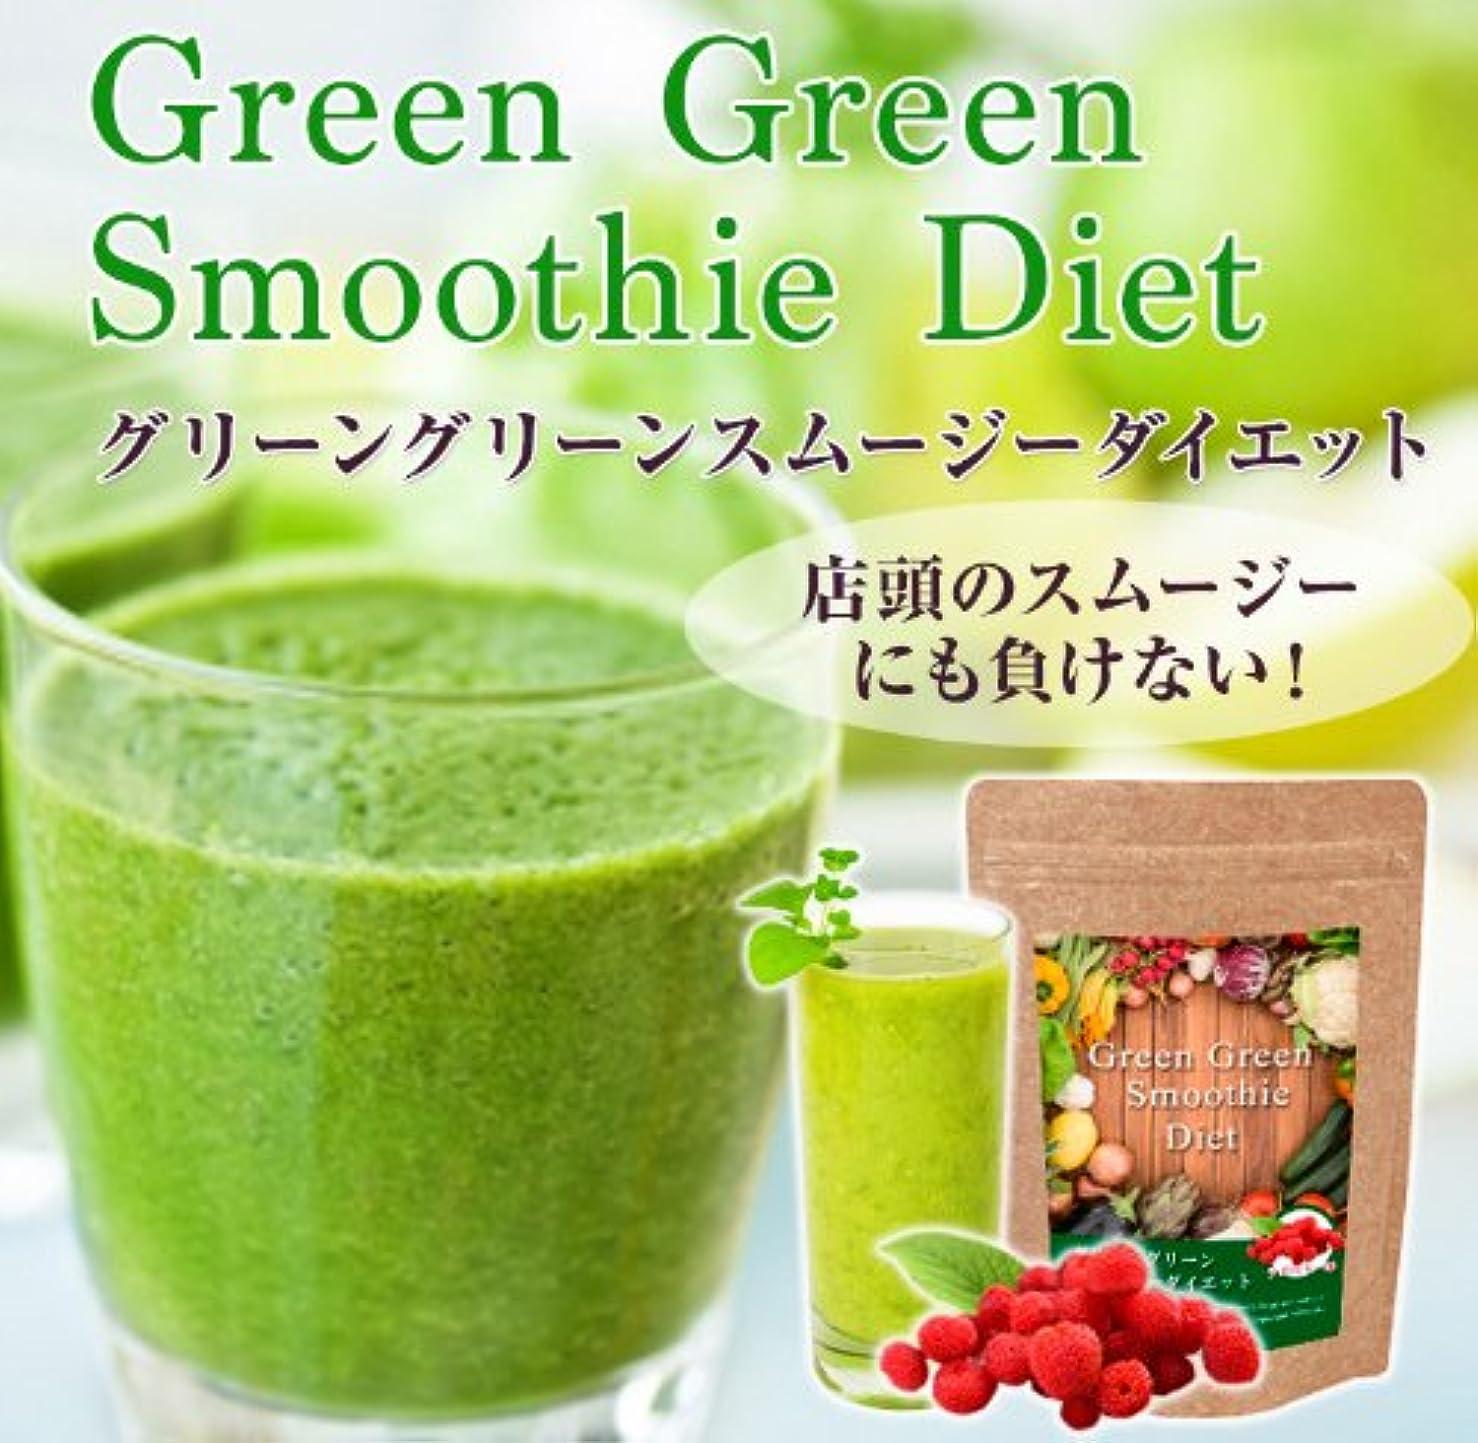 マイナス資源恵みグリーングリーンスムージー ダイエット 2個セット(置き換えダイエットスムージー)